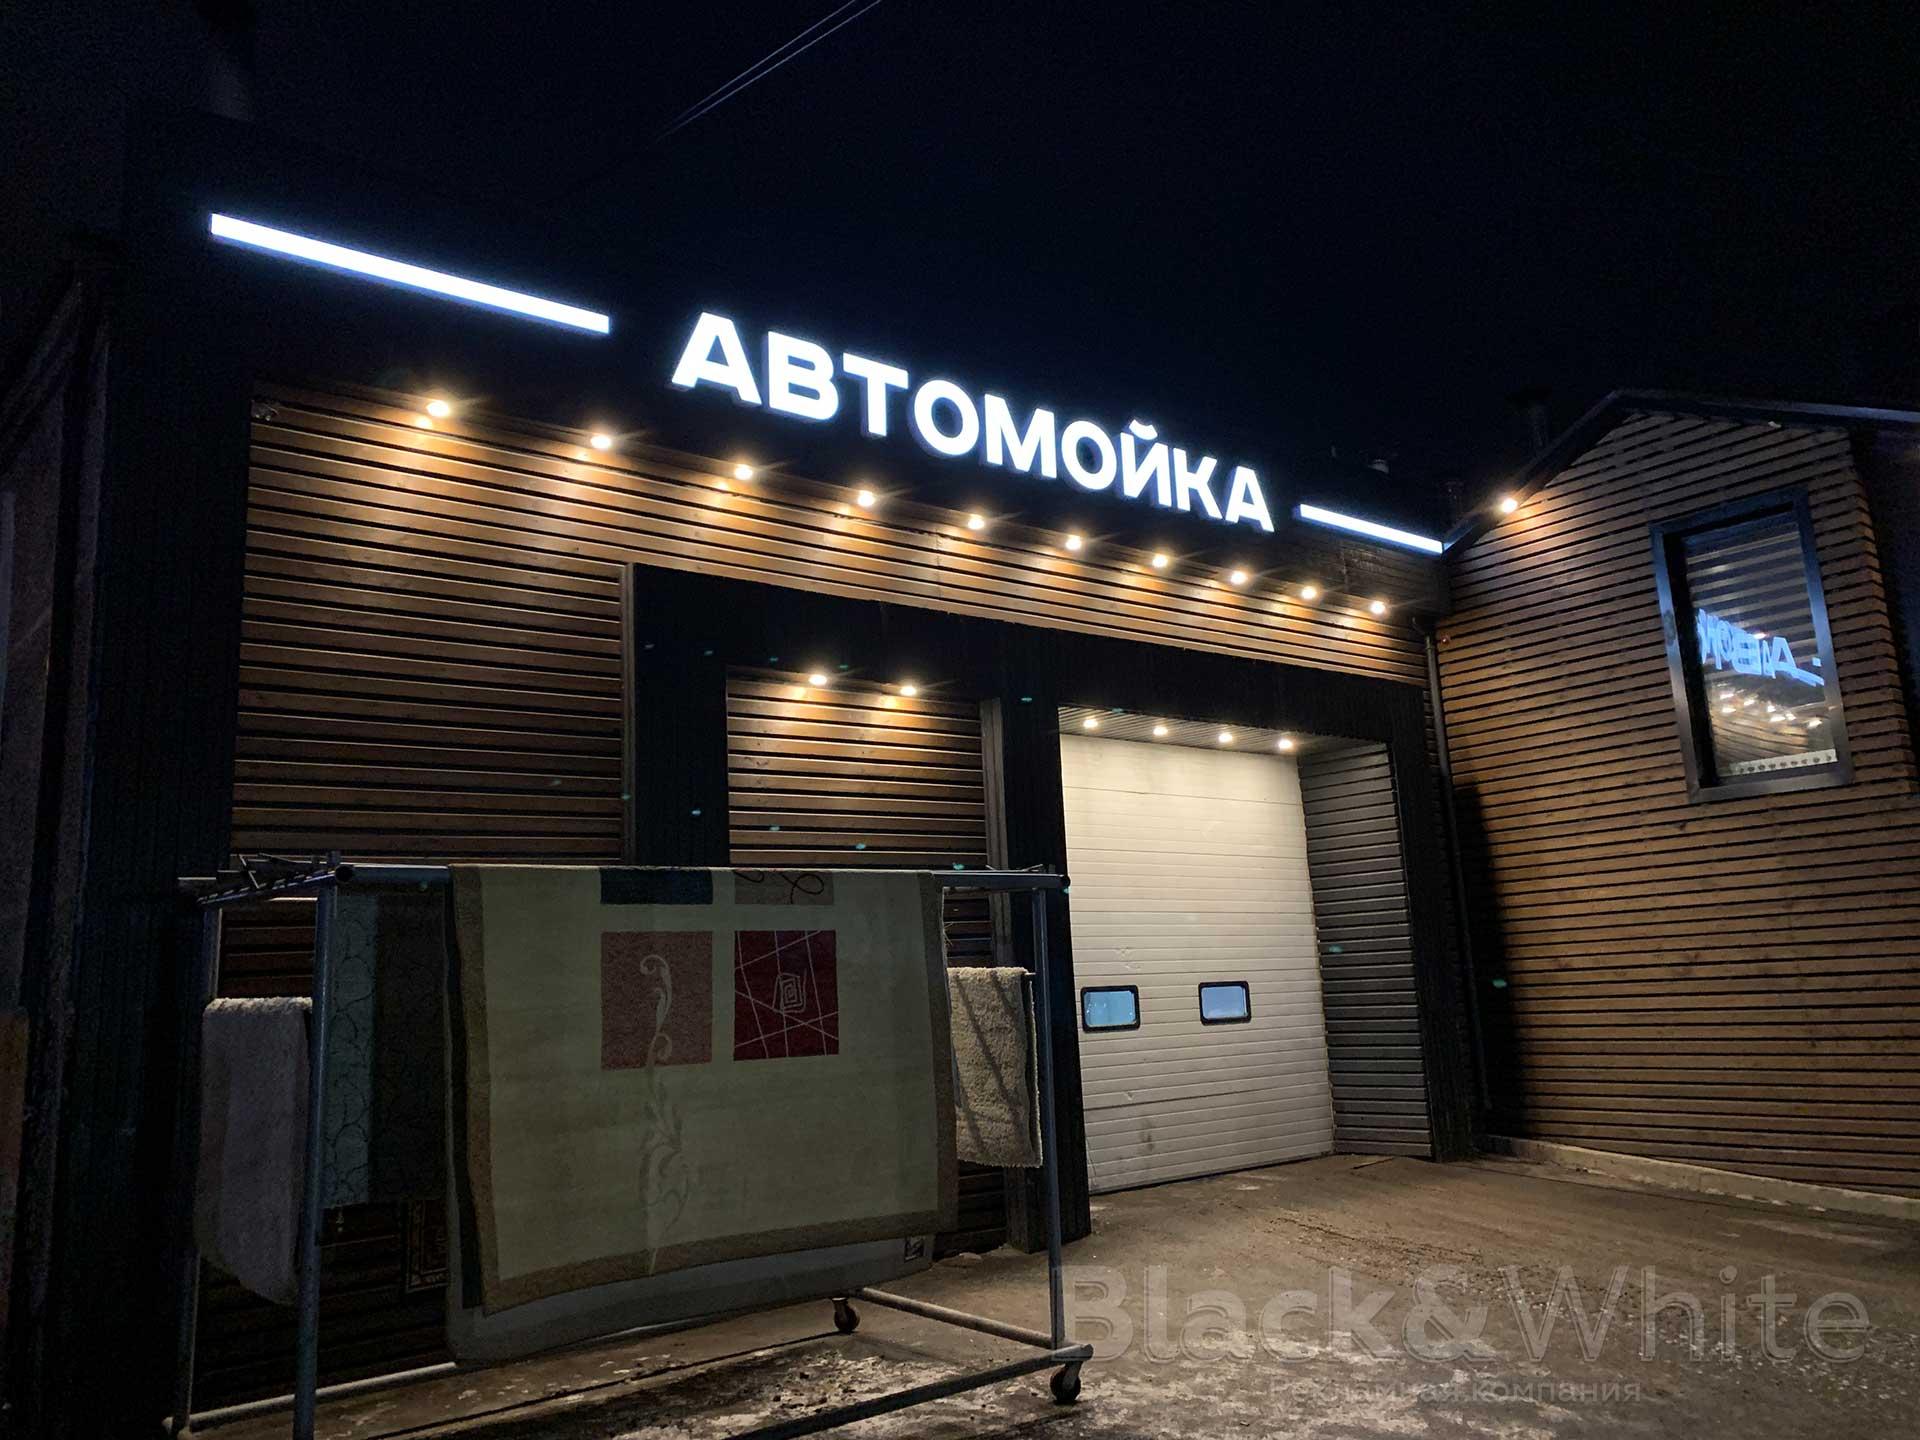 Световая-вывеска-для-автомойки-изготовление-световых-букв-в-Красноярске.jpg